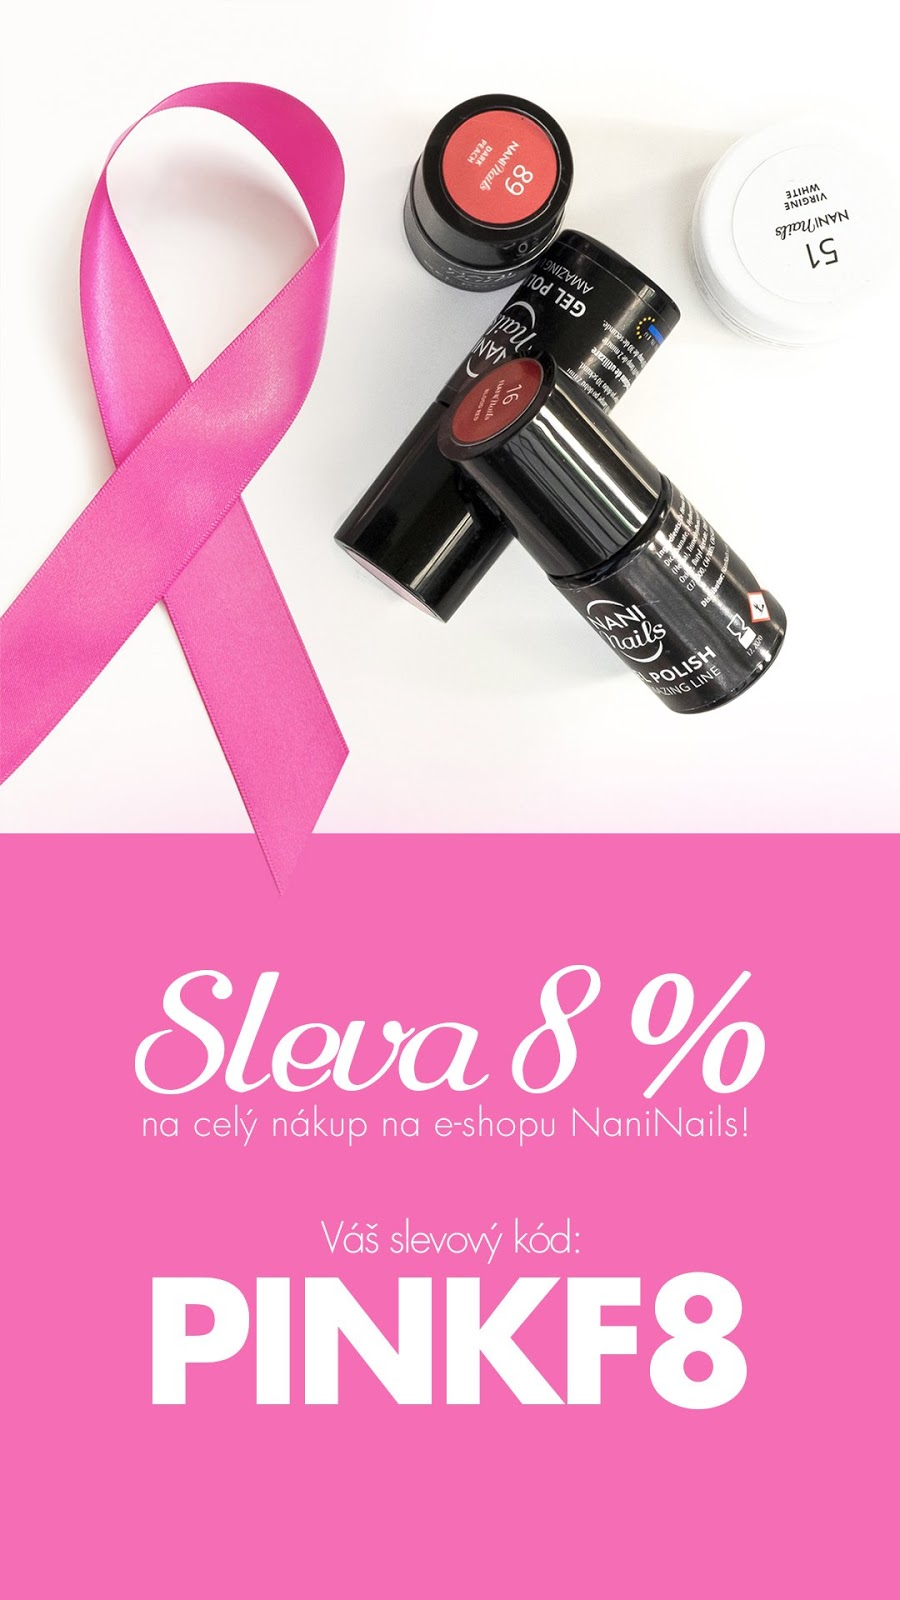 All My Cosmetics Pink Friday S Naninails Sleva Navic Pro Vas